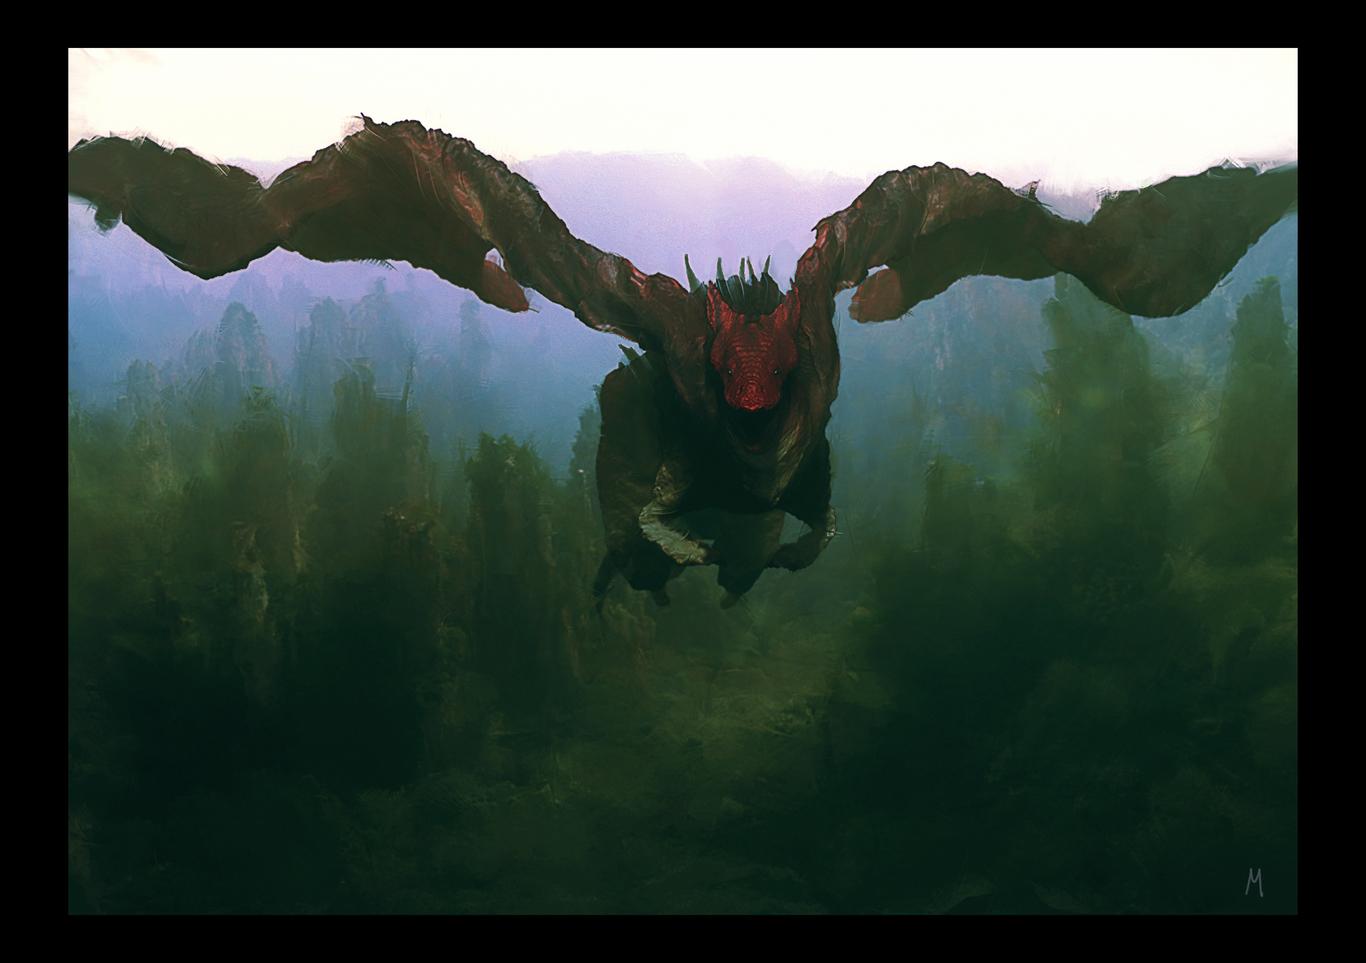 Chemamansilla flying dragon 1 63a35d55 9u0i